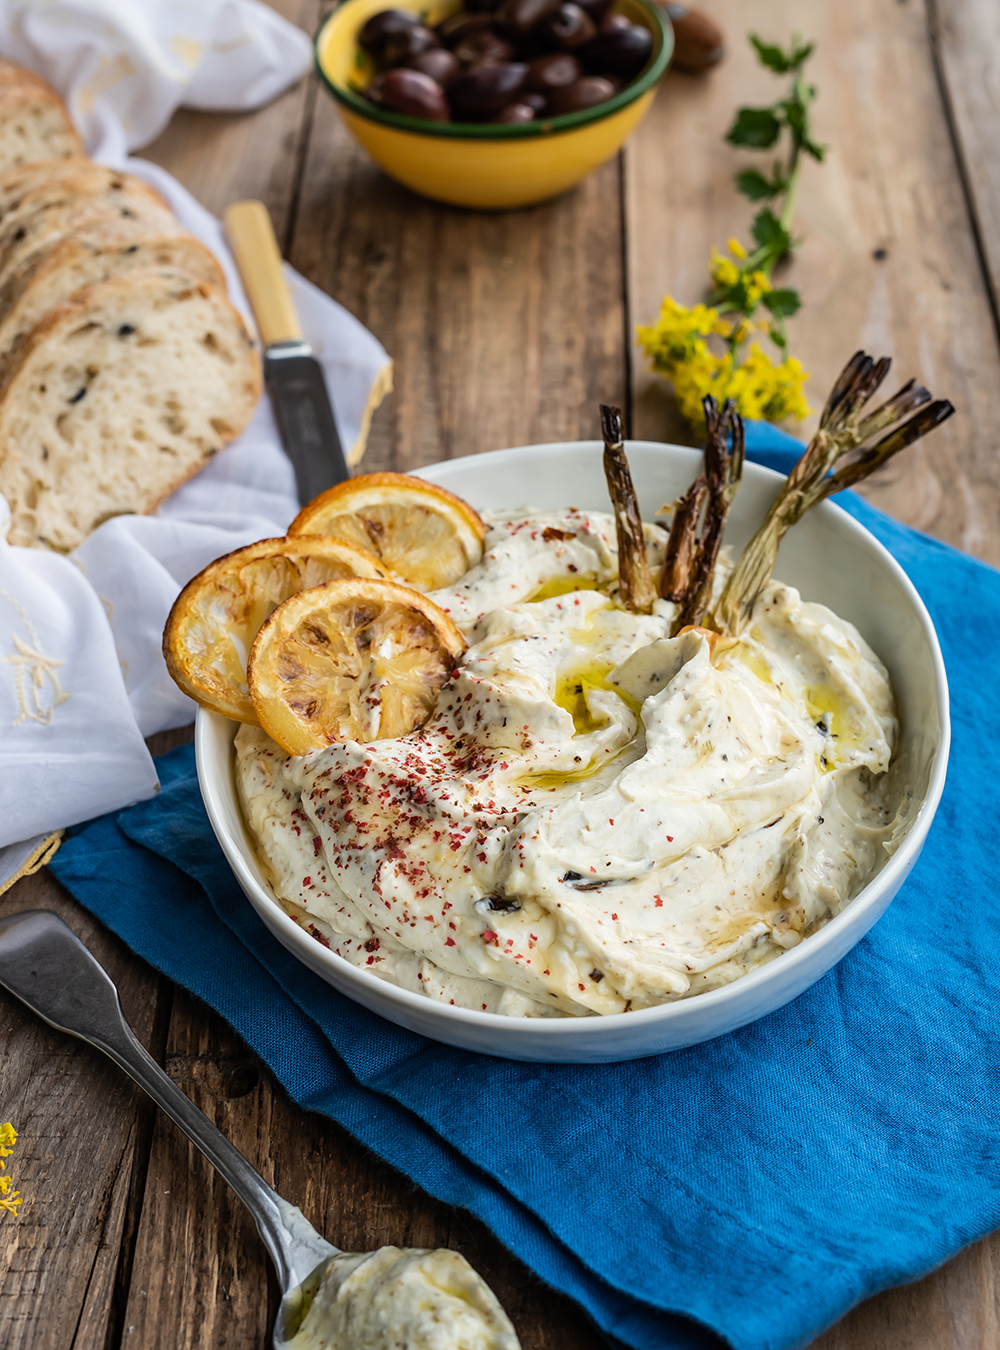 Luftig-cremiger Feta Dip mit geröstetem Lauch und Zitrone